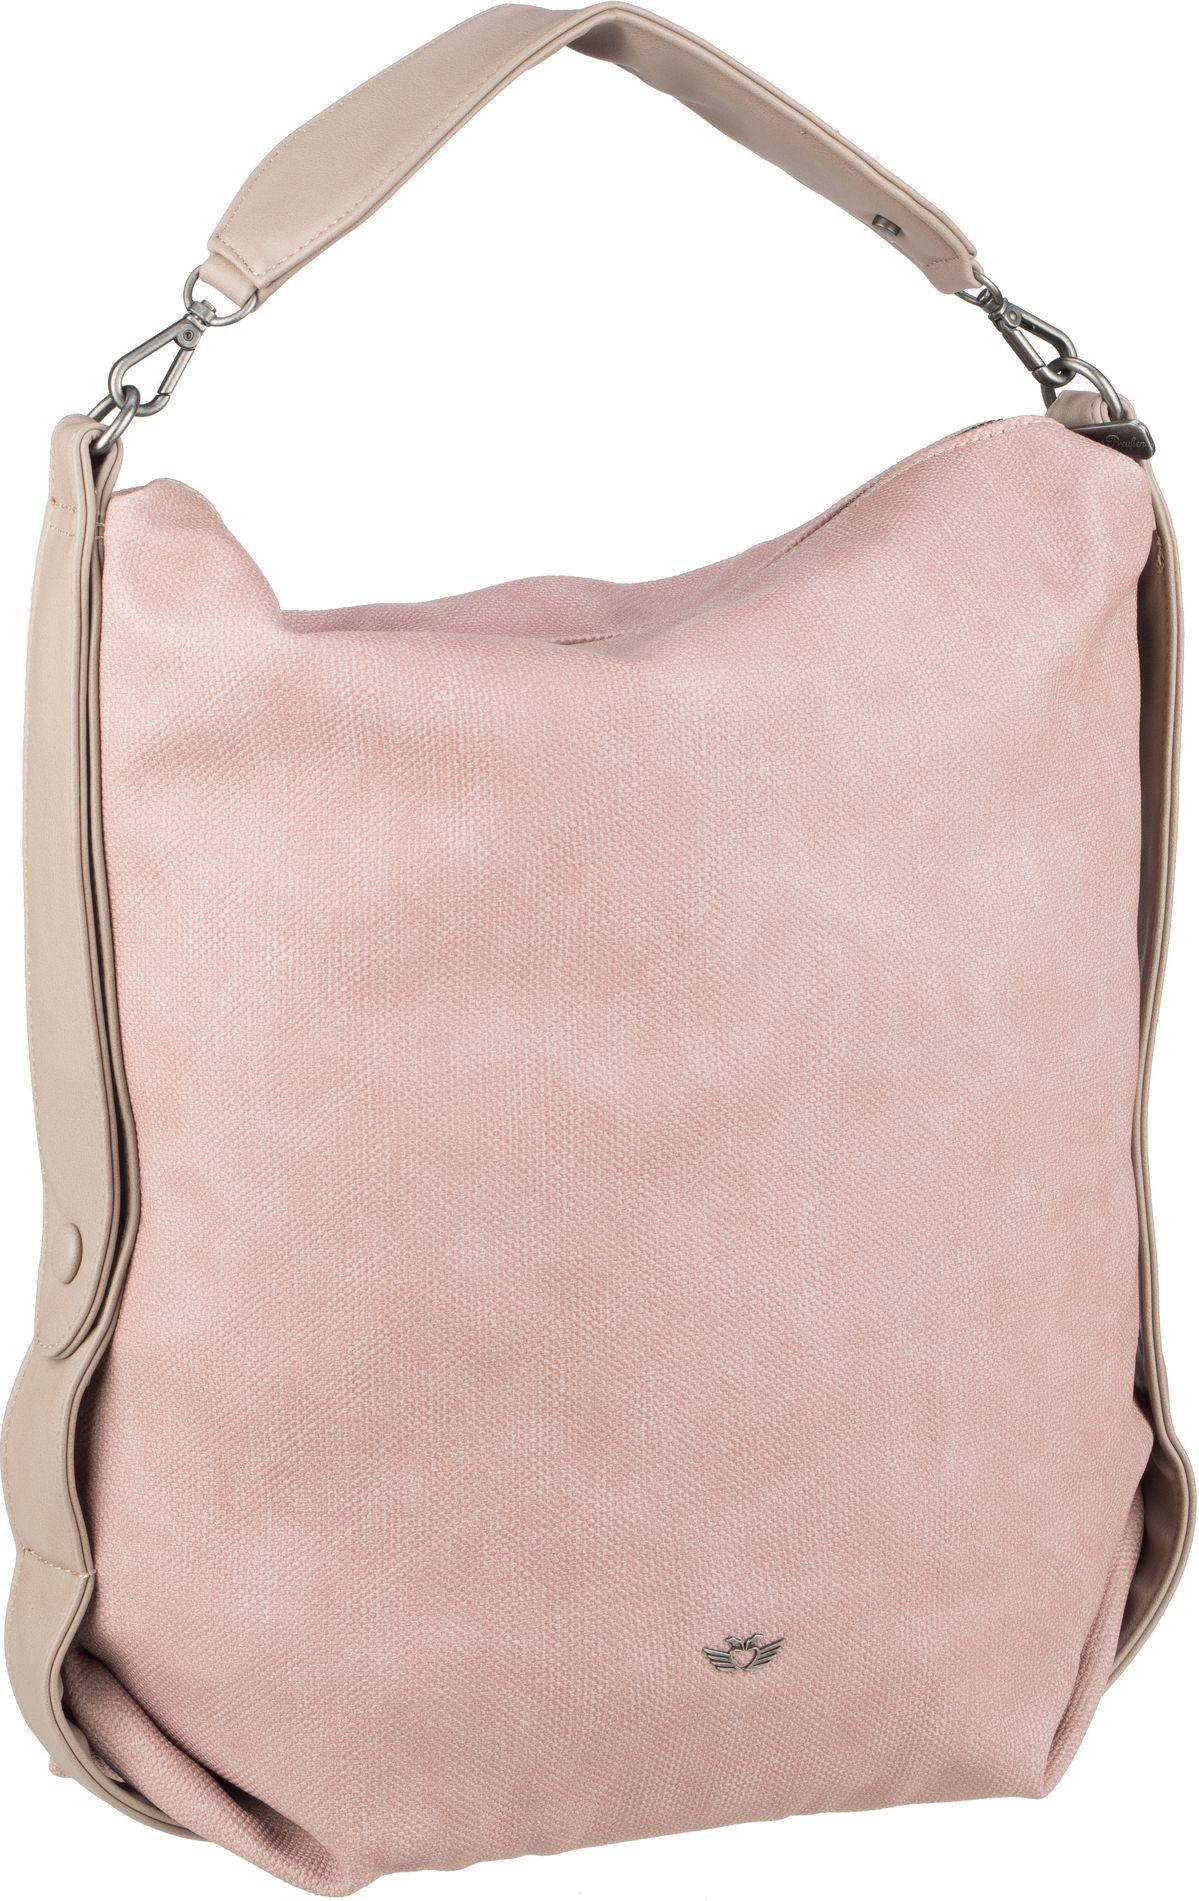 Handtasche Ava Pixley Blush